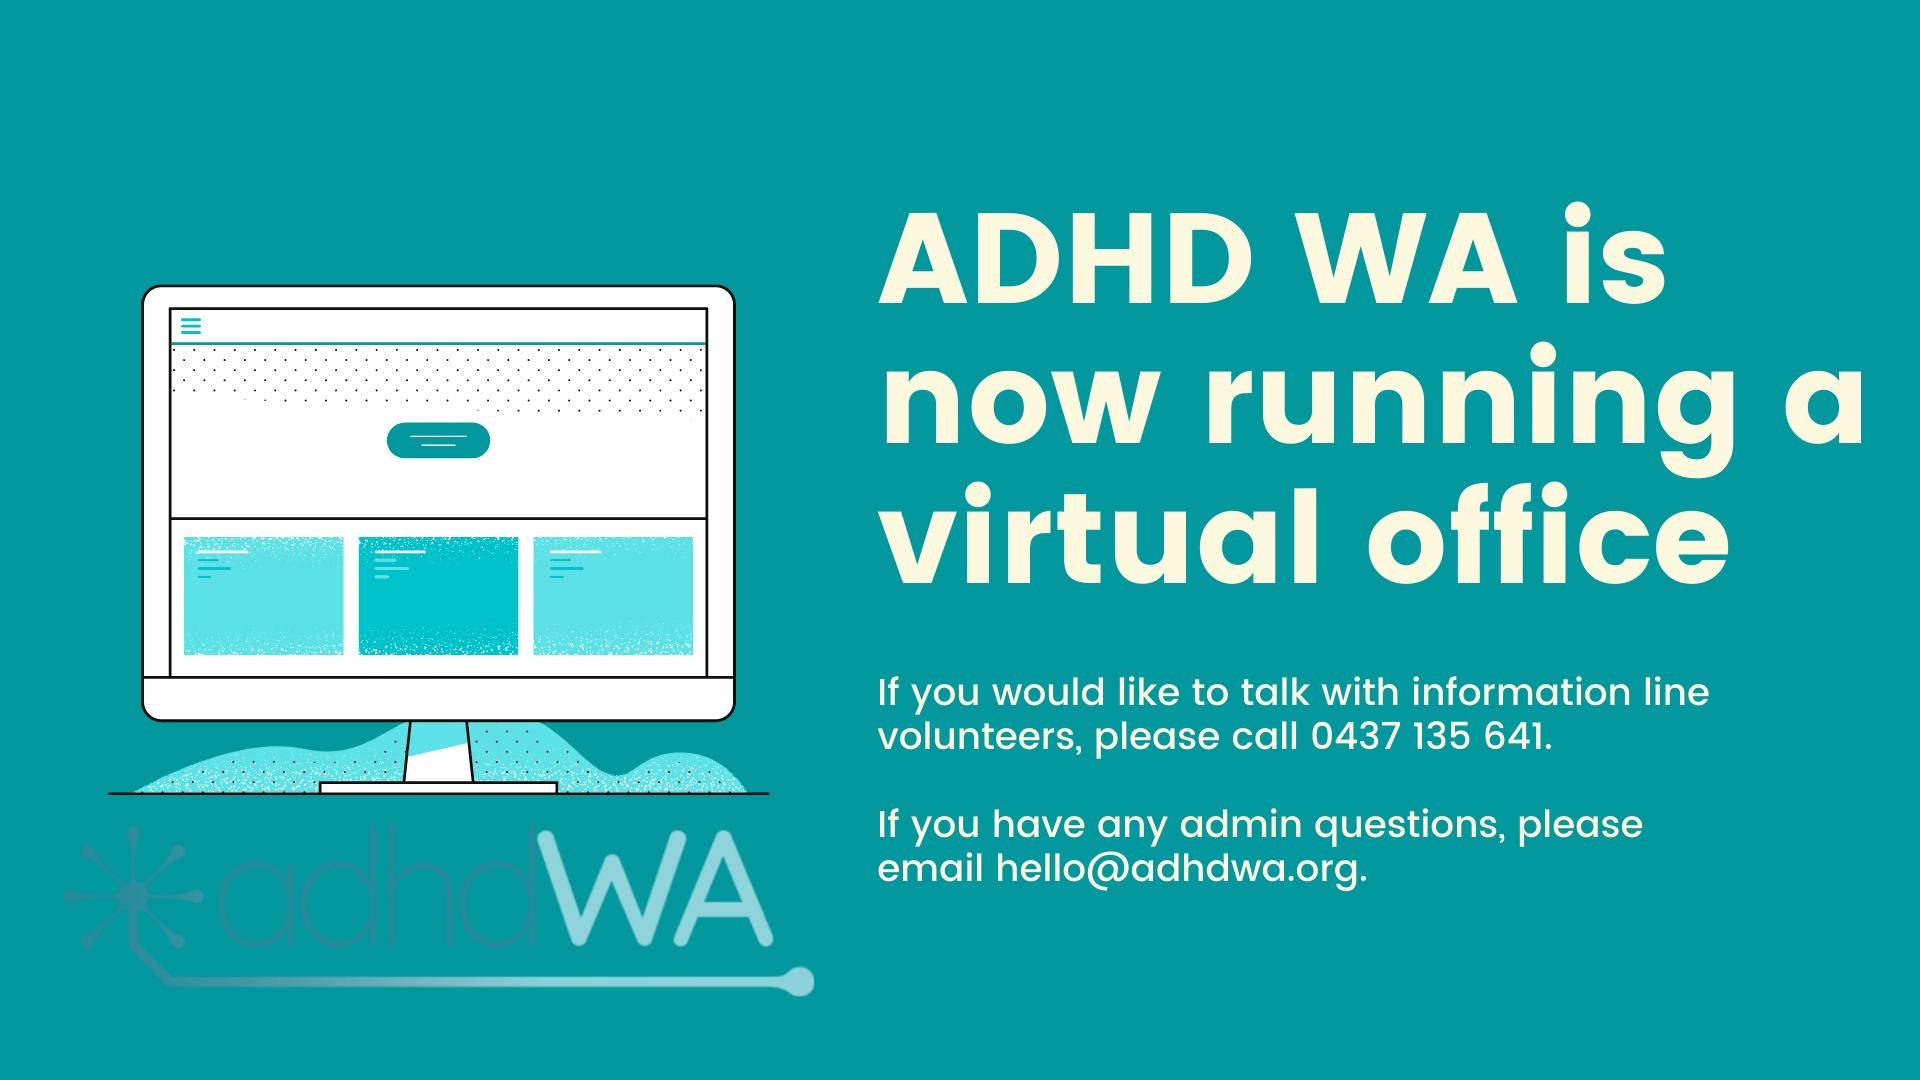 ADHD WA virtual office and ADHD WA contact information